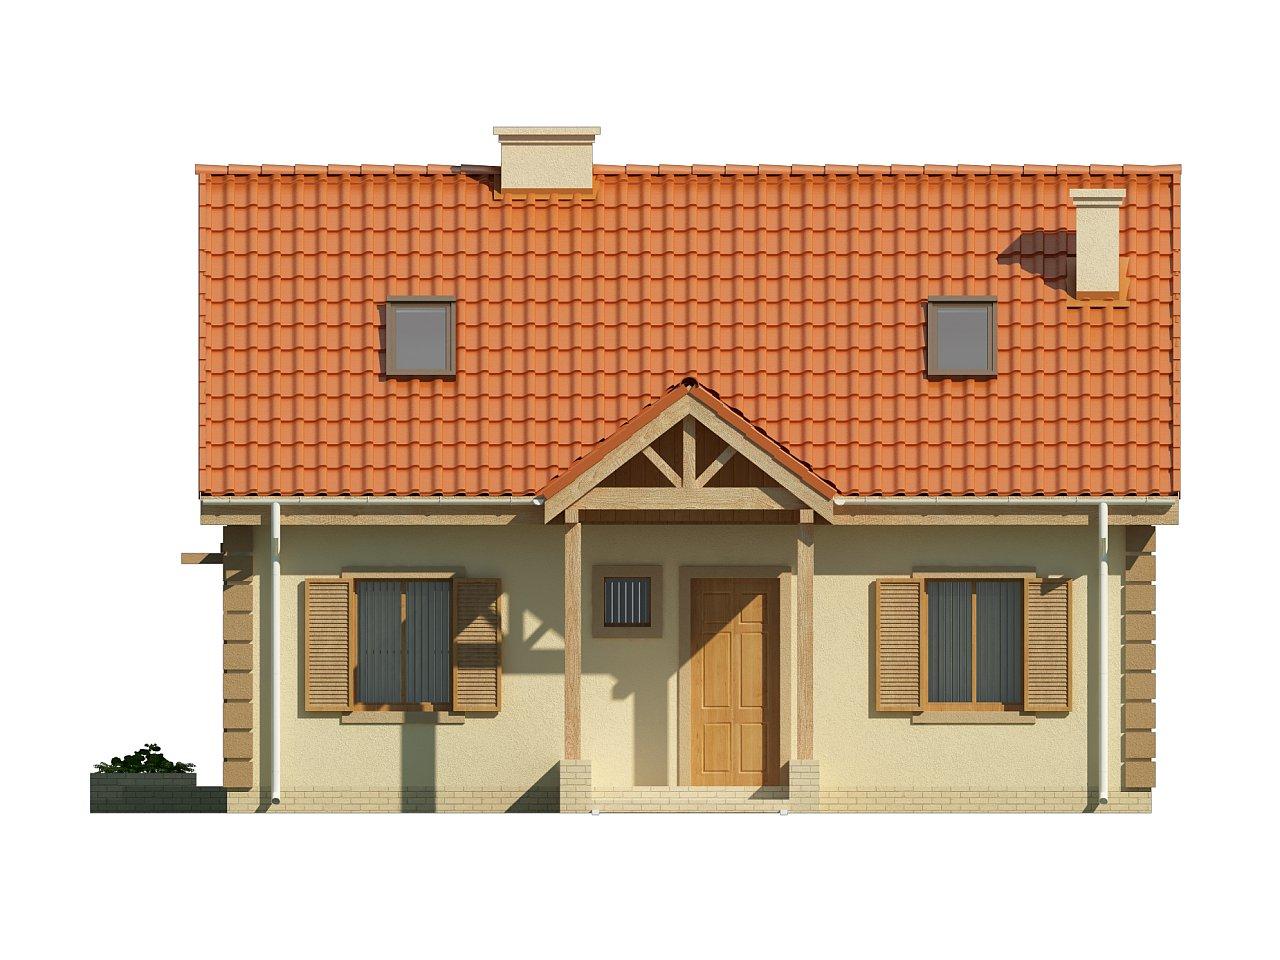 Функциональный и уютный дом с дополнительной спальней на первом этаже. Простой и экономичный в строительстве. 10